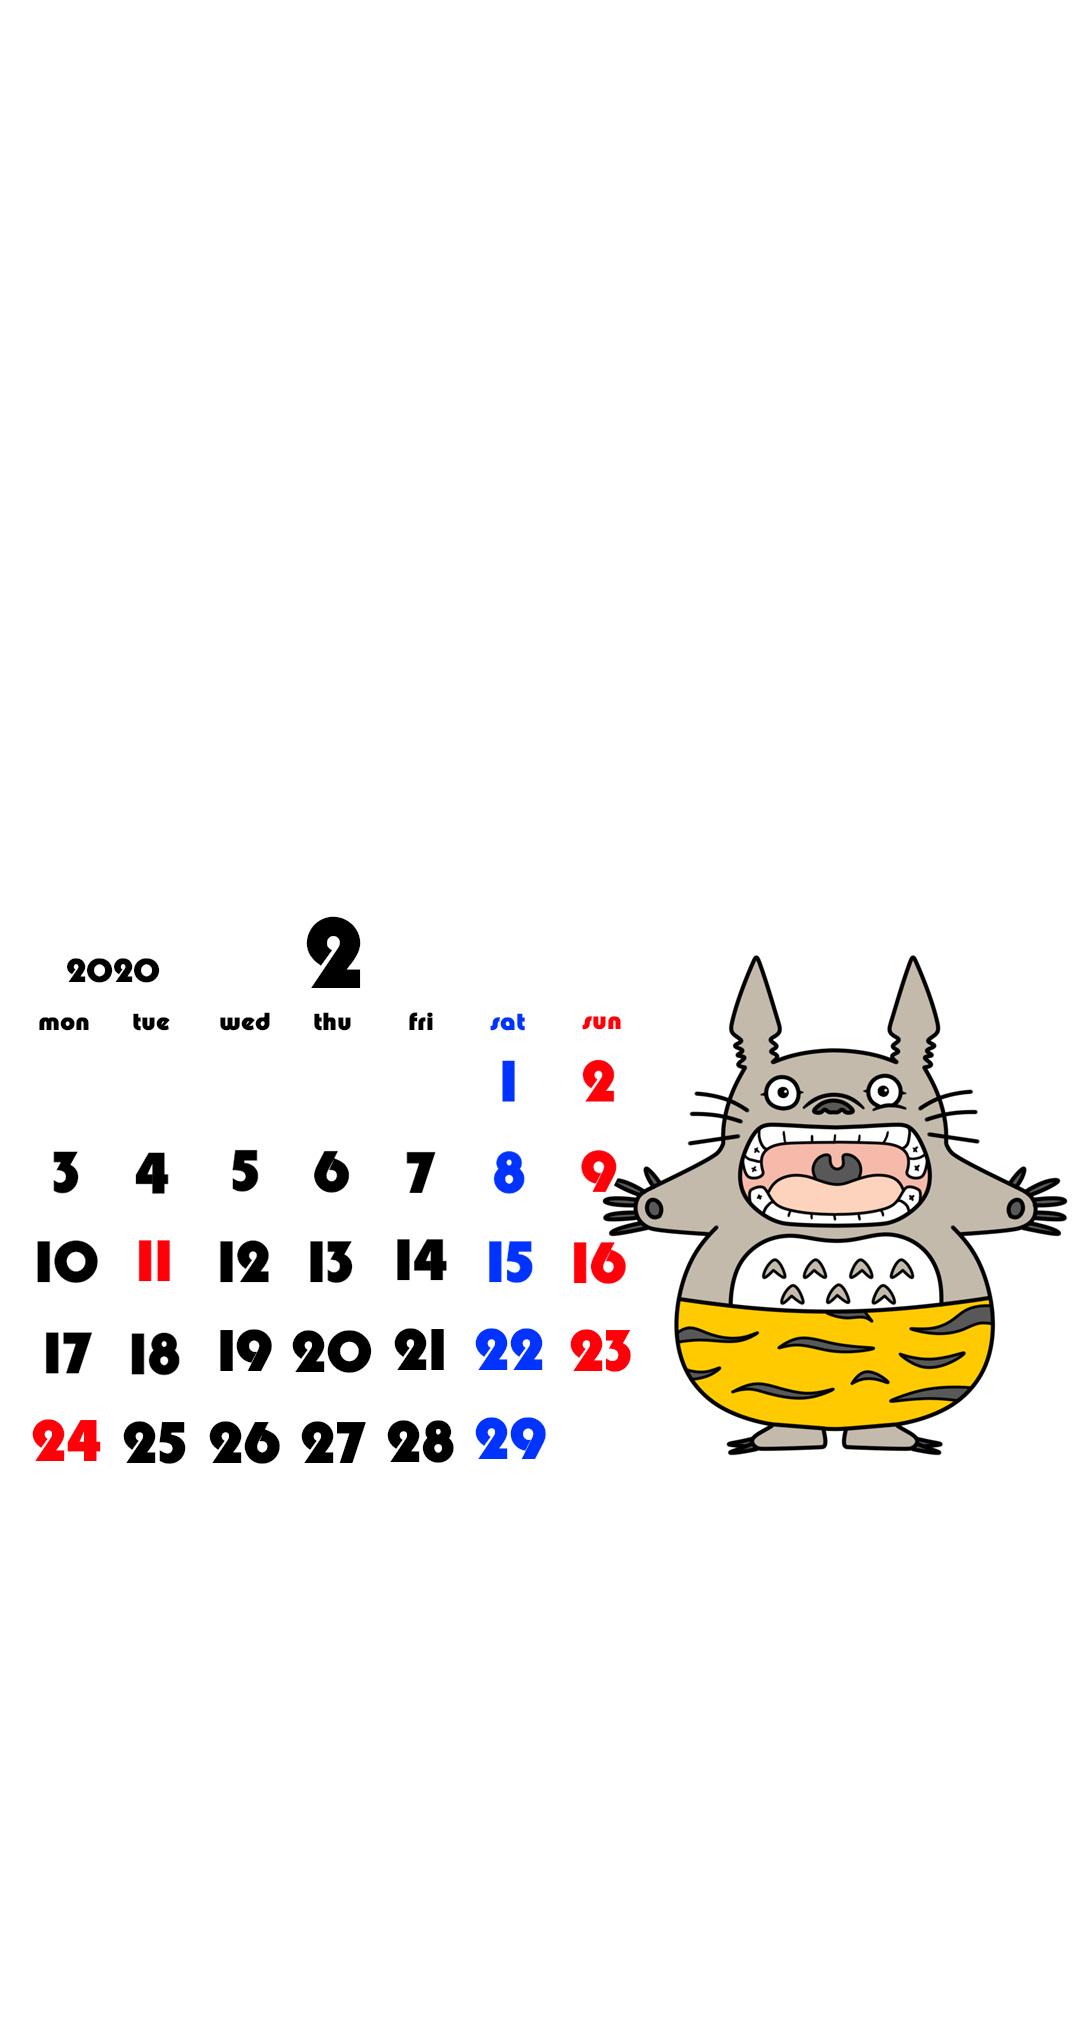 待ち受けカレンダー スマホ壁紙 となりのトトロ Android用 月曜始まり 2020年2月